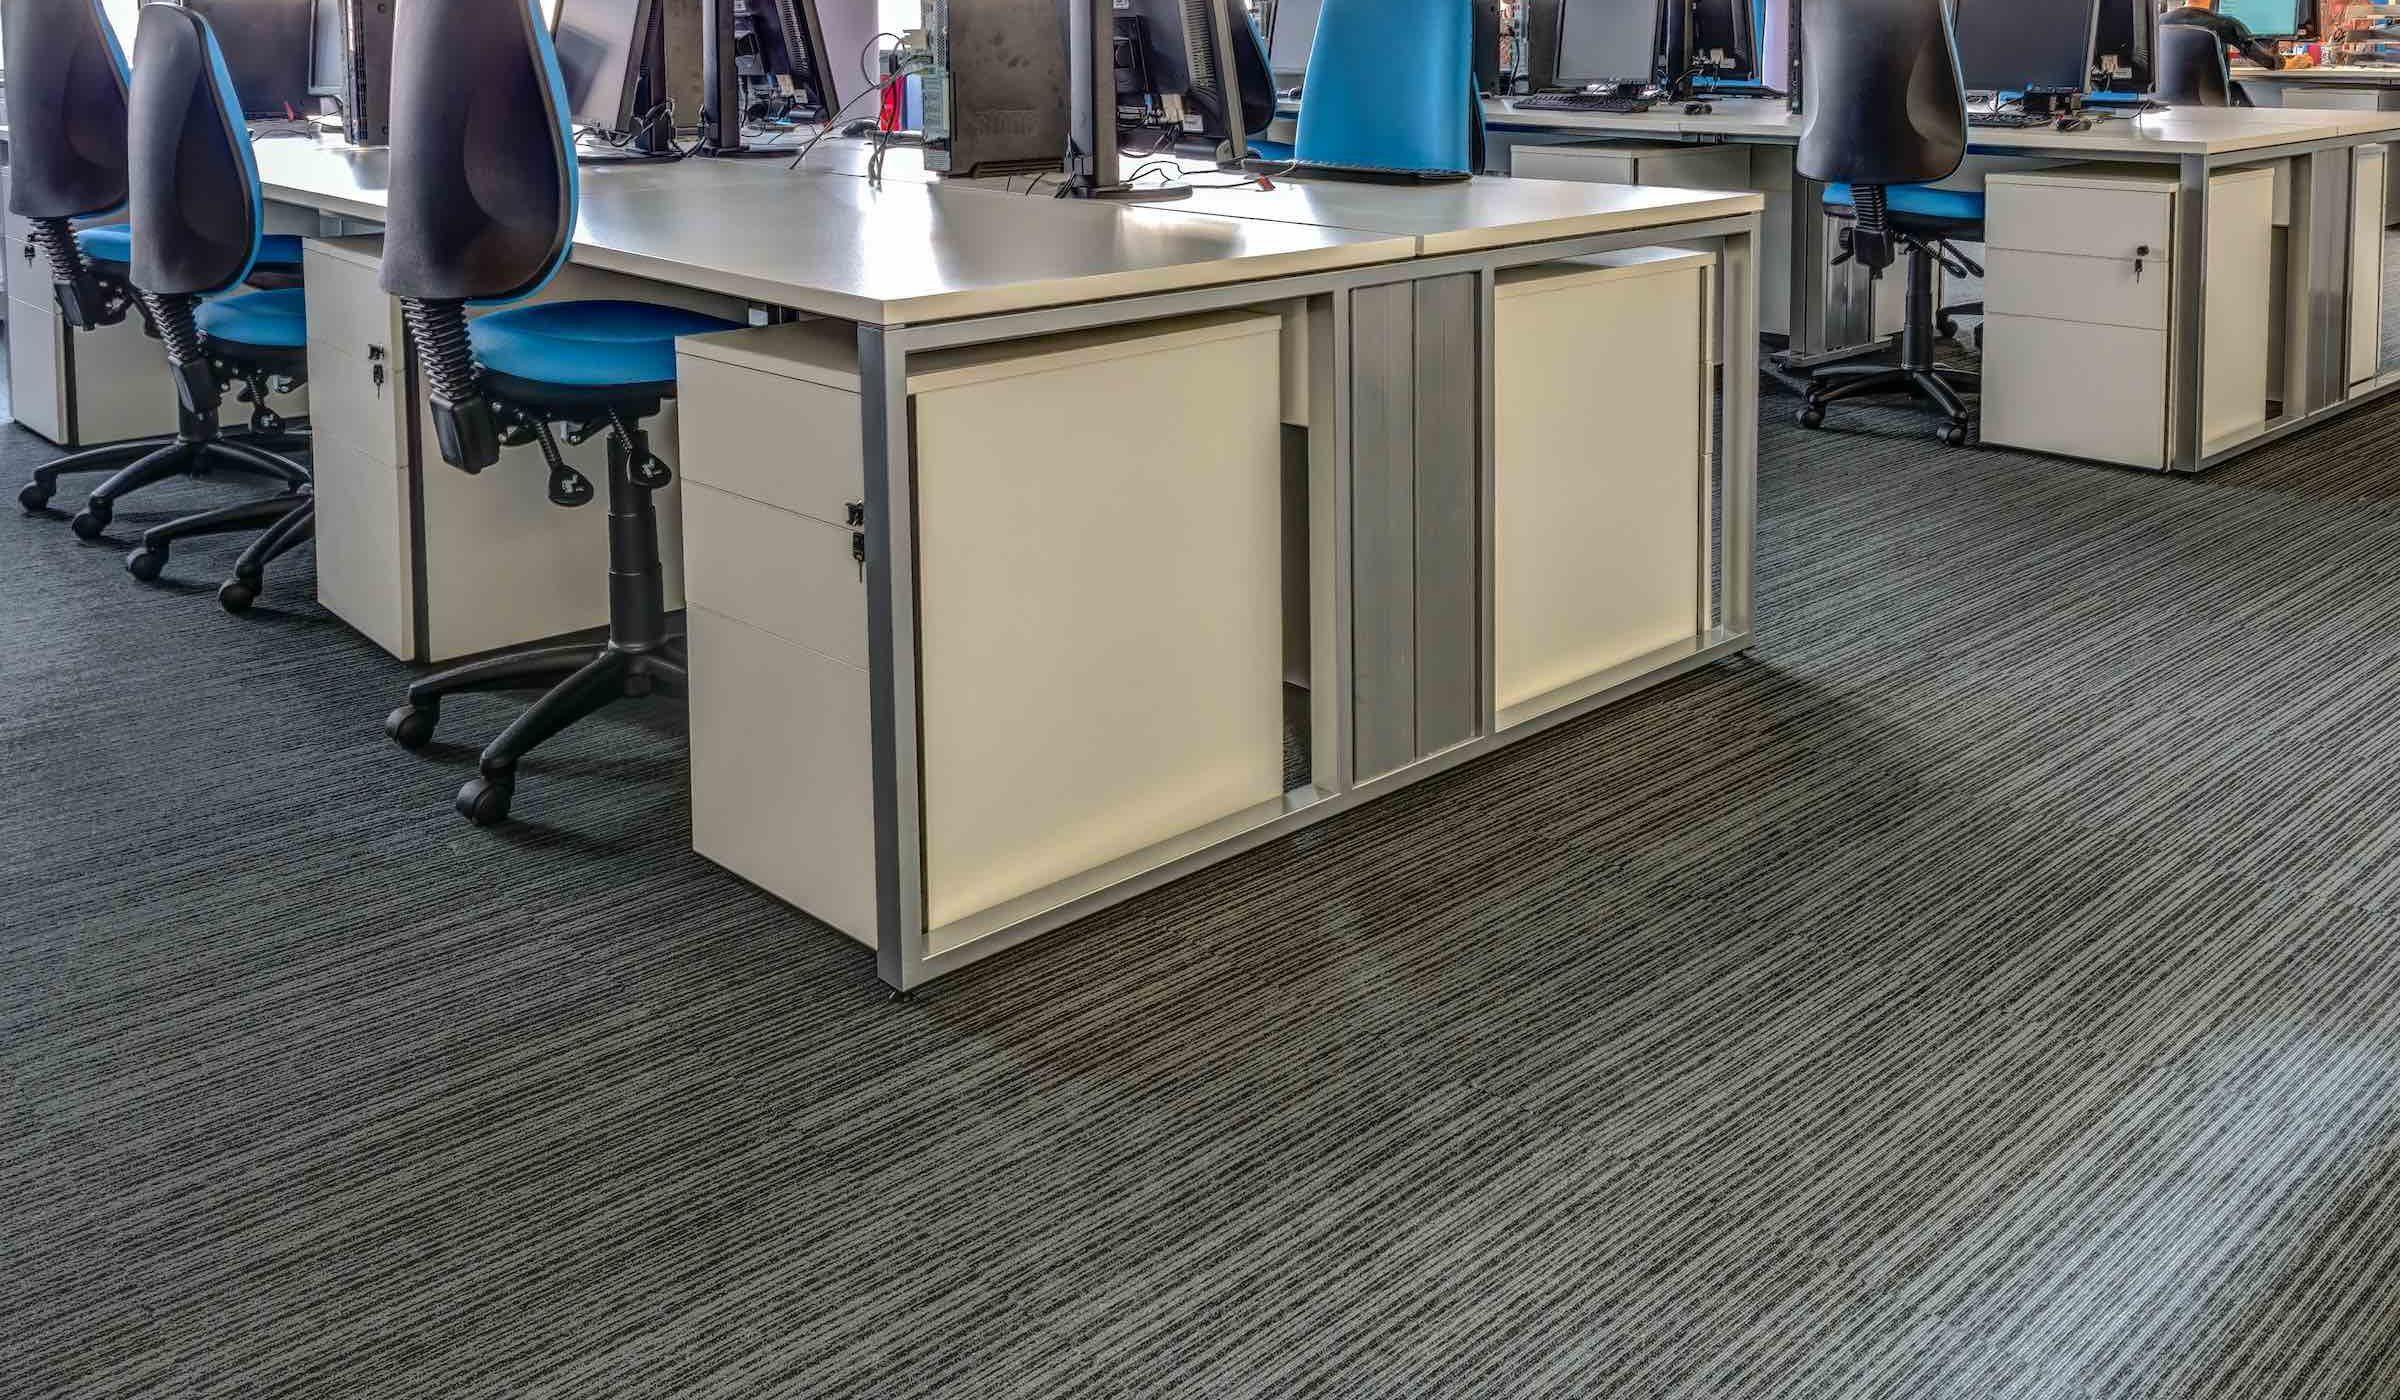 Codec | Paragon Carpet Tiles | Commercial Carpet Tiles | Design Carpet Tiles 8